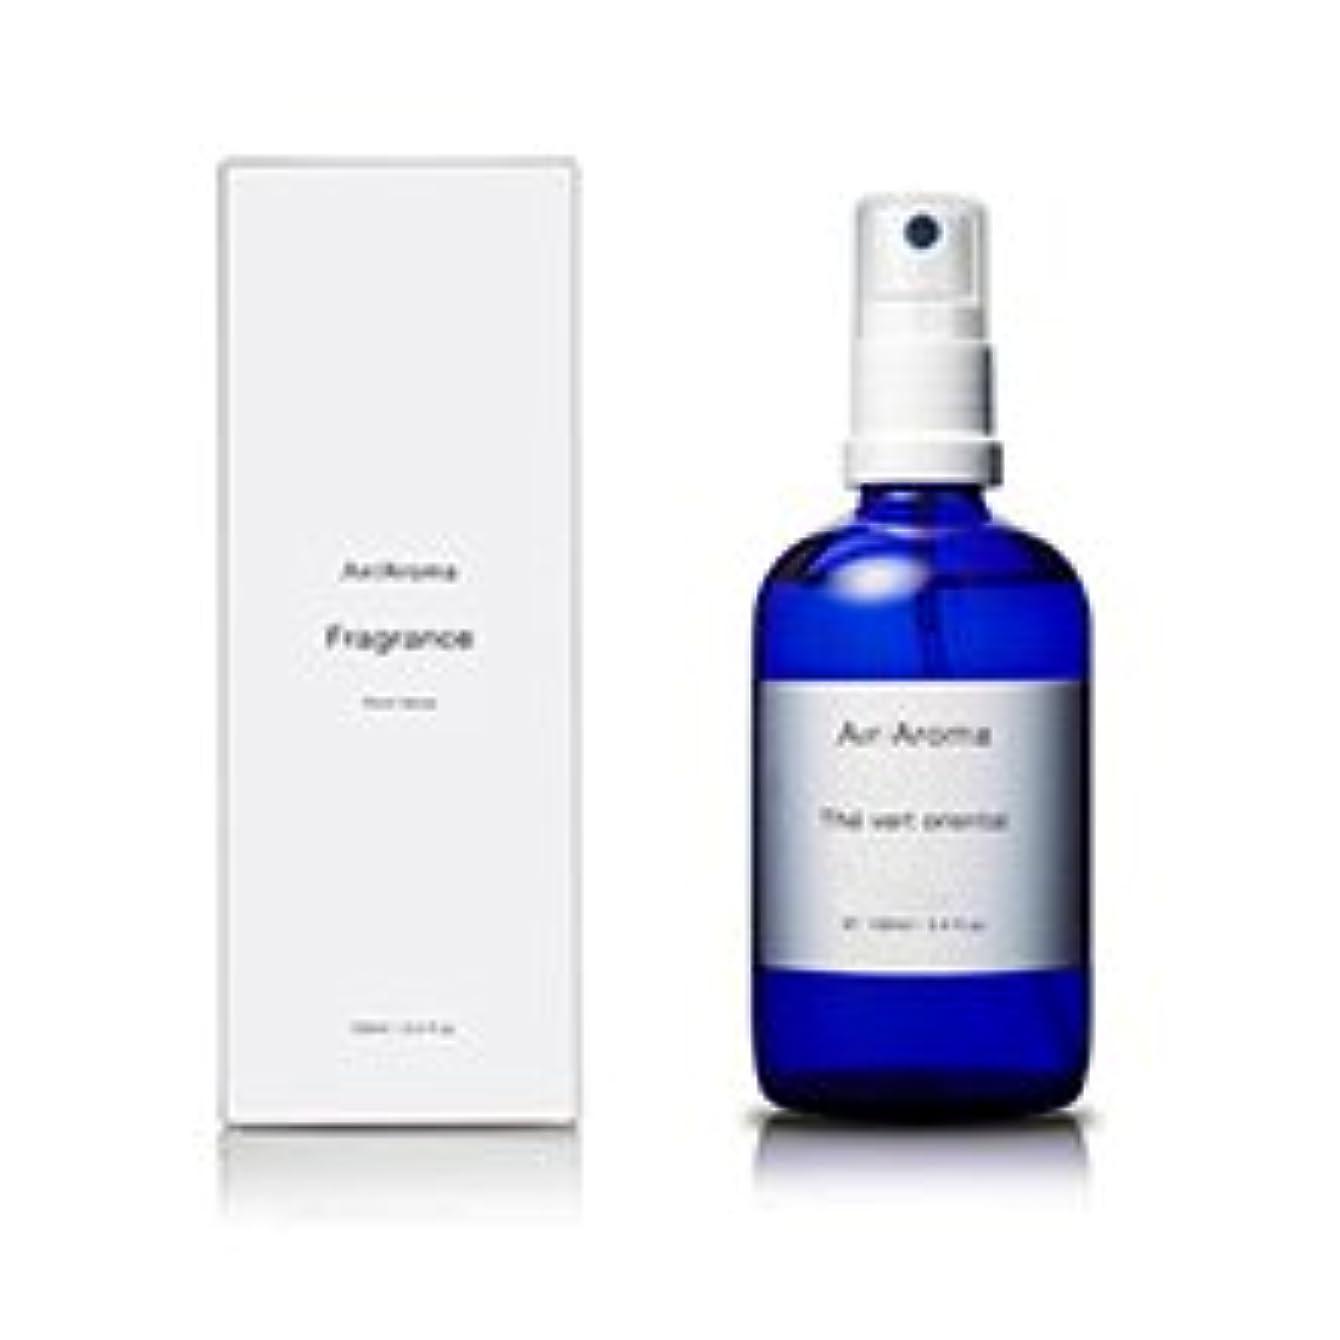 有名カスケード吸うエアアロマ the vert oriental room fragrance(テヴェールオリエンタル ルームフレグランス) 100ml